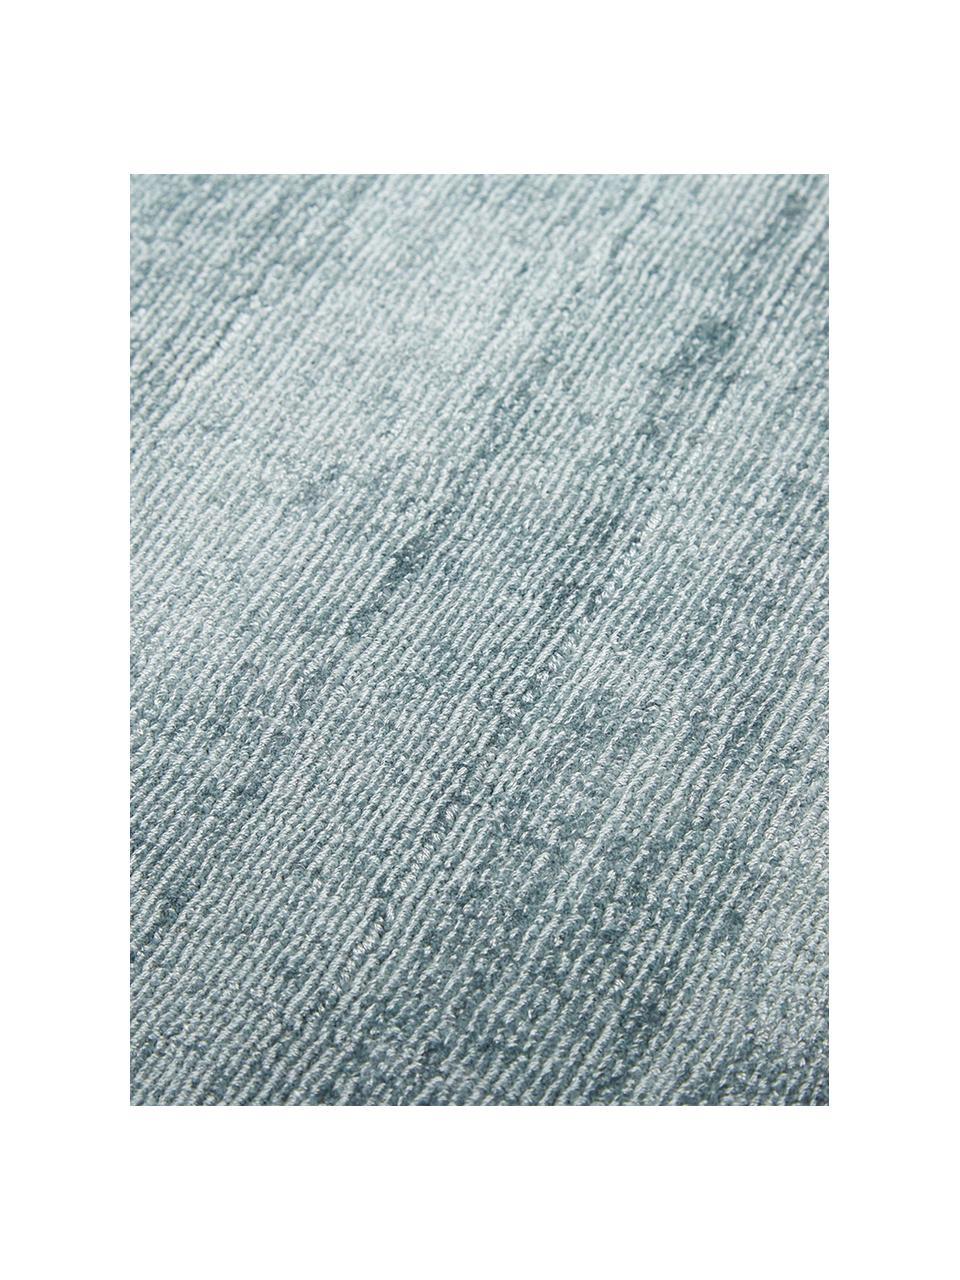 Okrągły ręcznie tkany dywan z wiskozy Jane, Chłodny niebieski, Ø 200 cm (Rozmiar L)